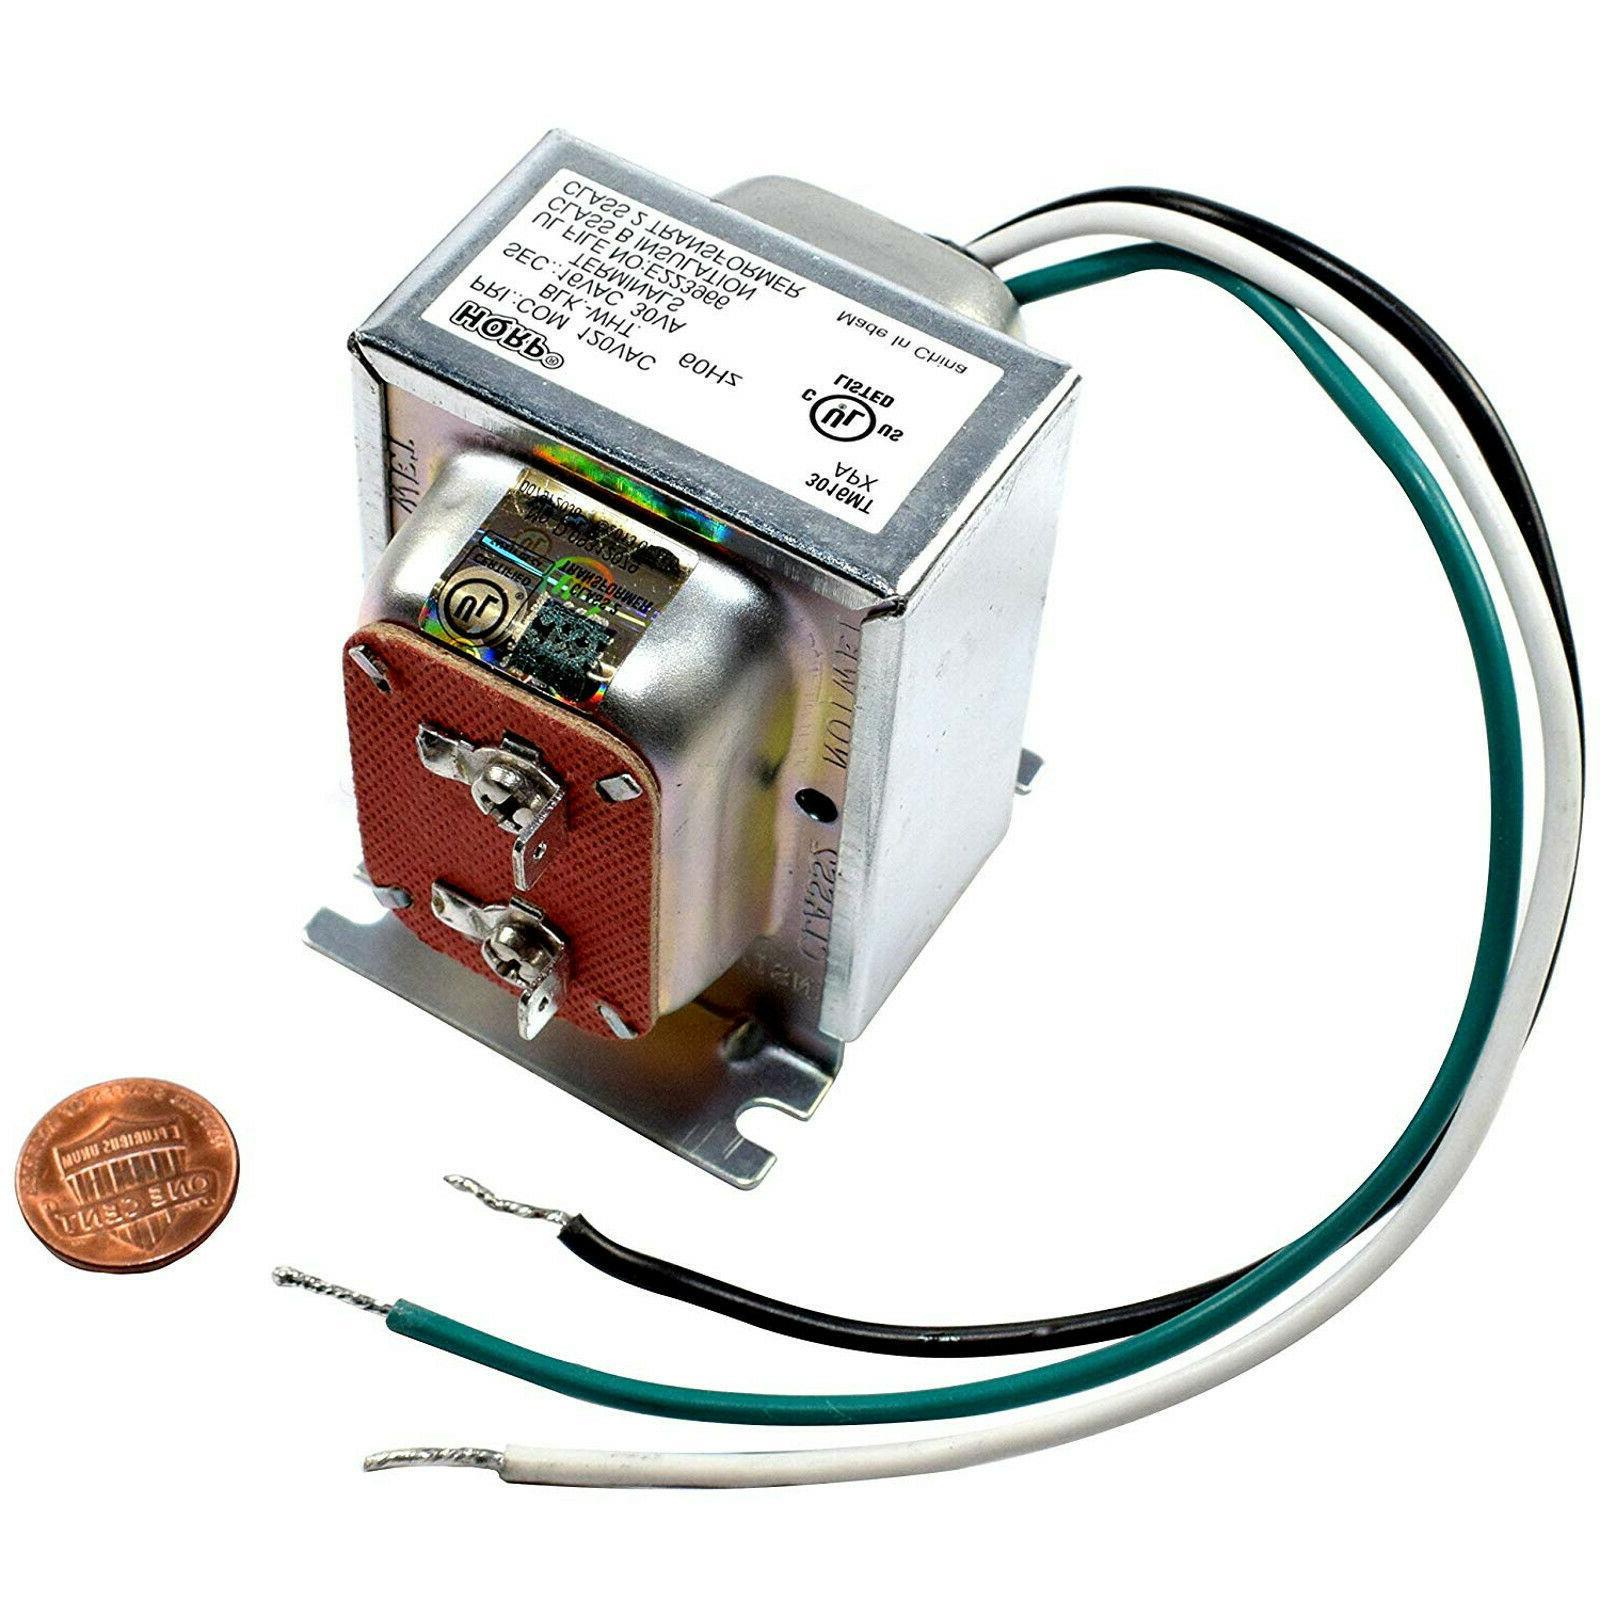 HQRP 120V Multiple Smart Doorbell